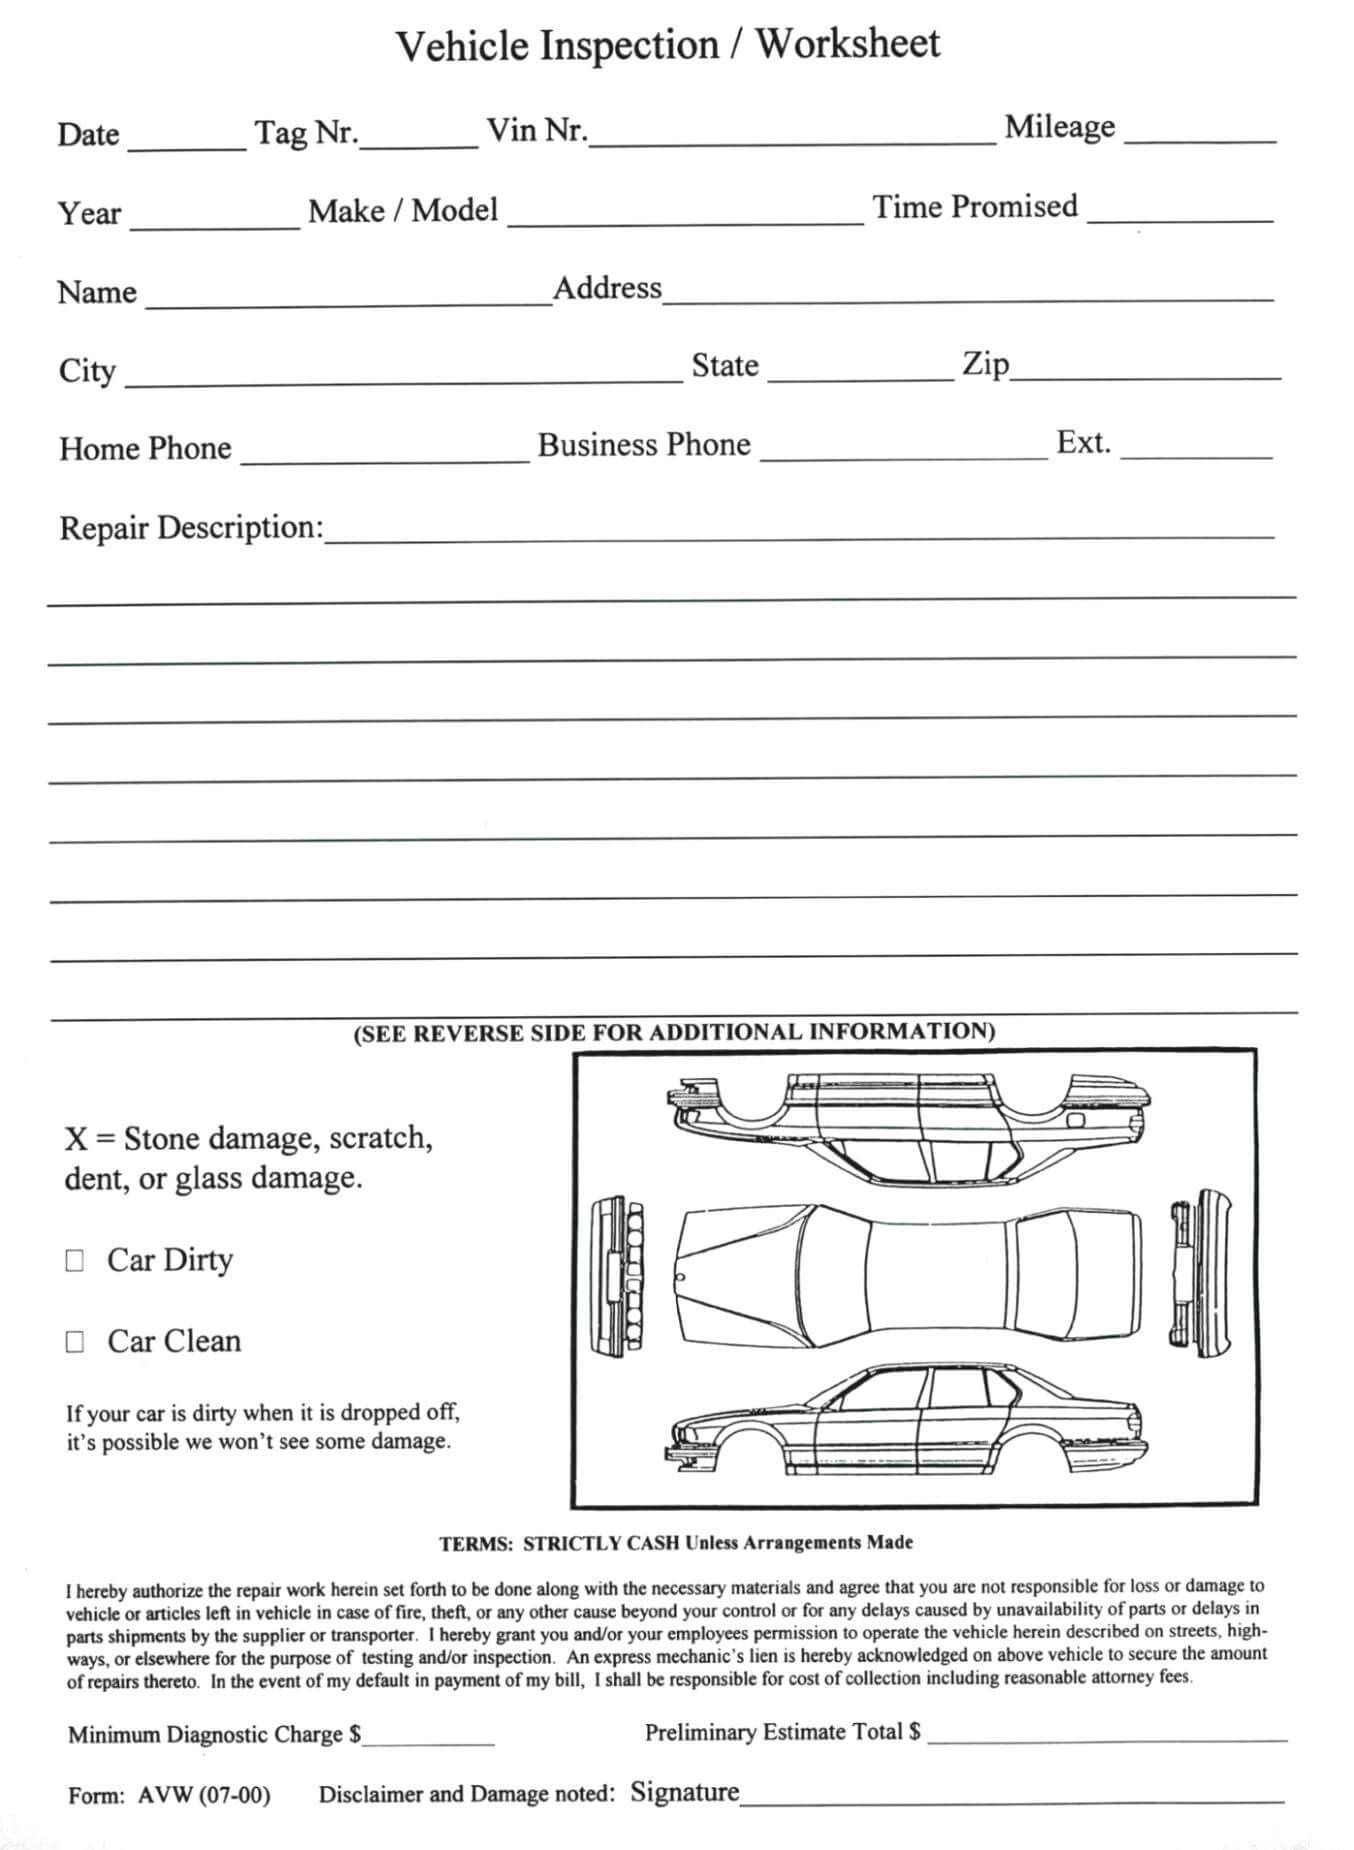 Damage Report Template – Wovensheet.co Pertaining To Car Damage Report Template